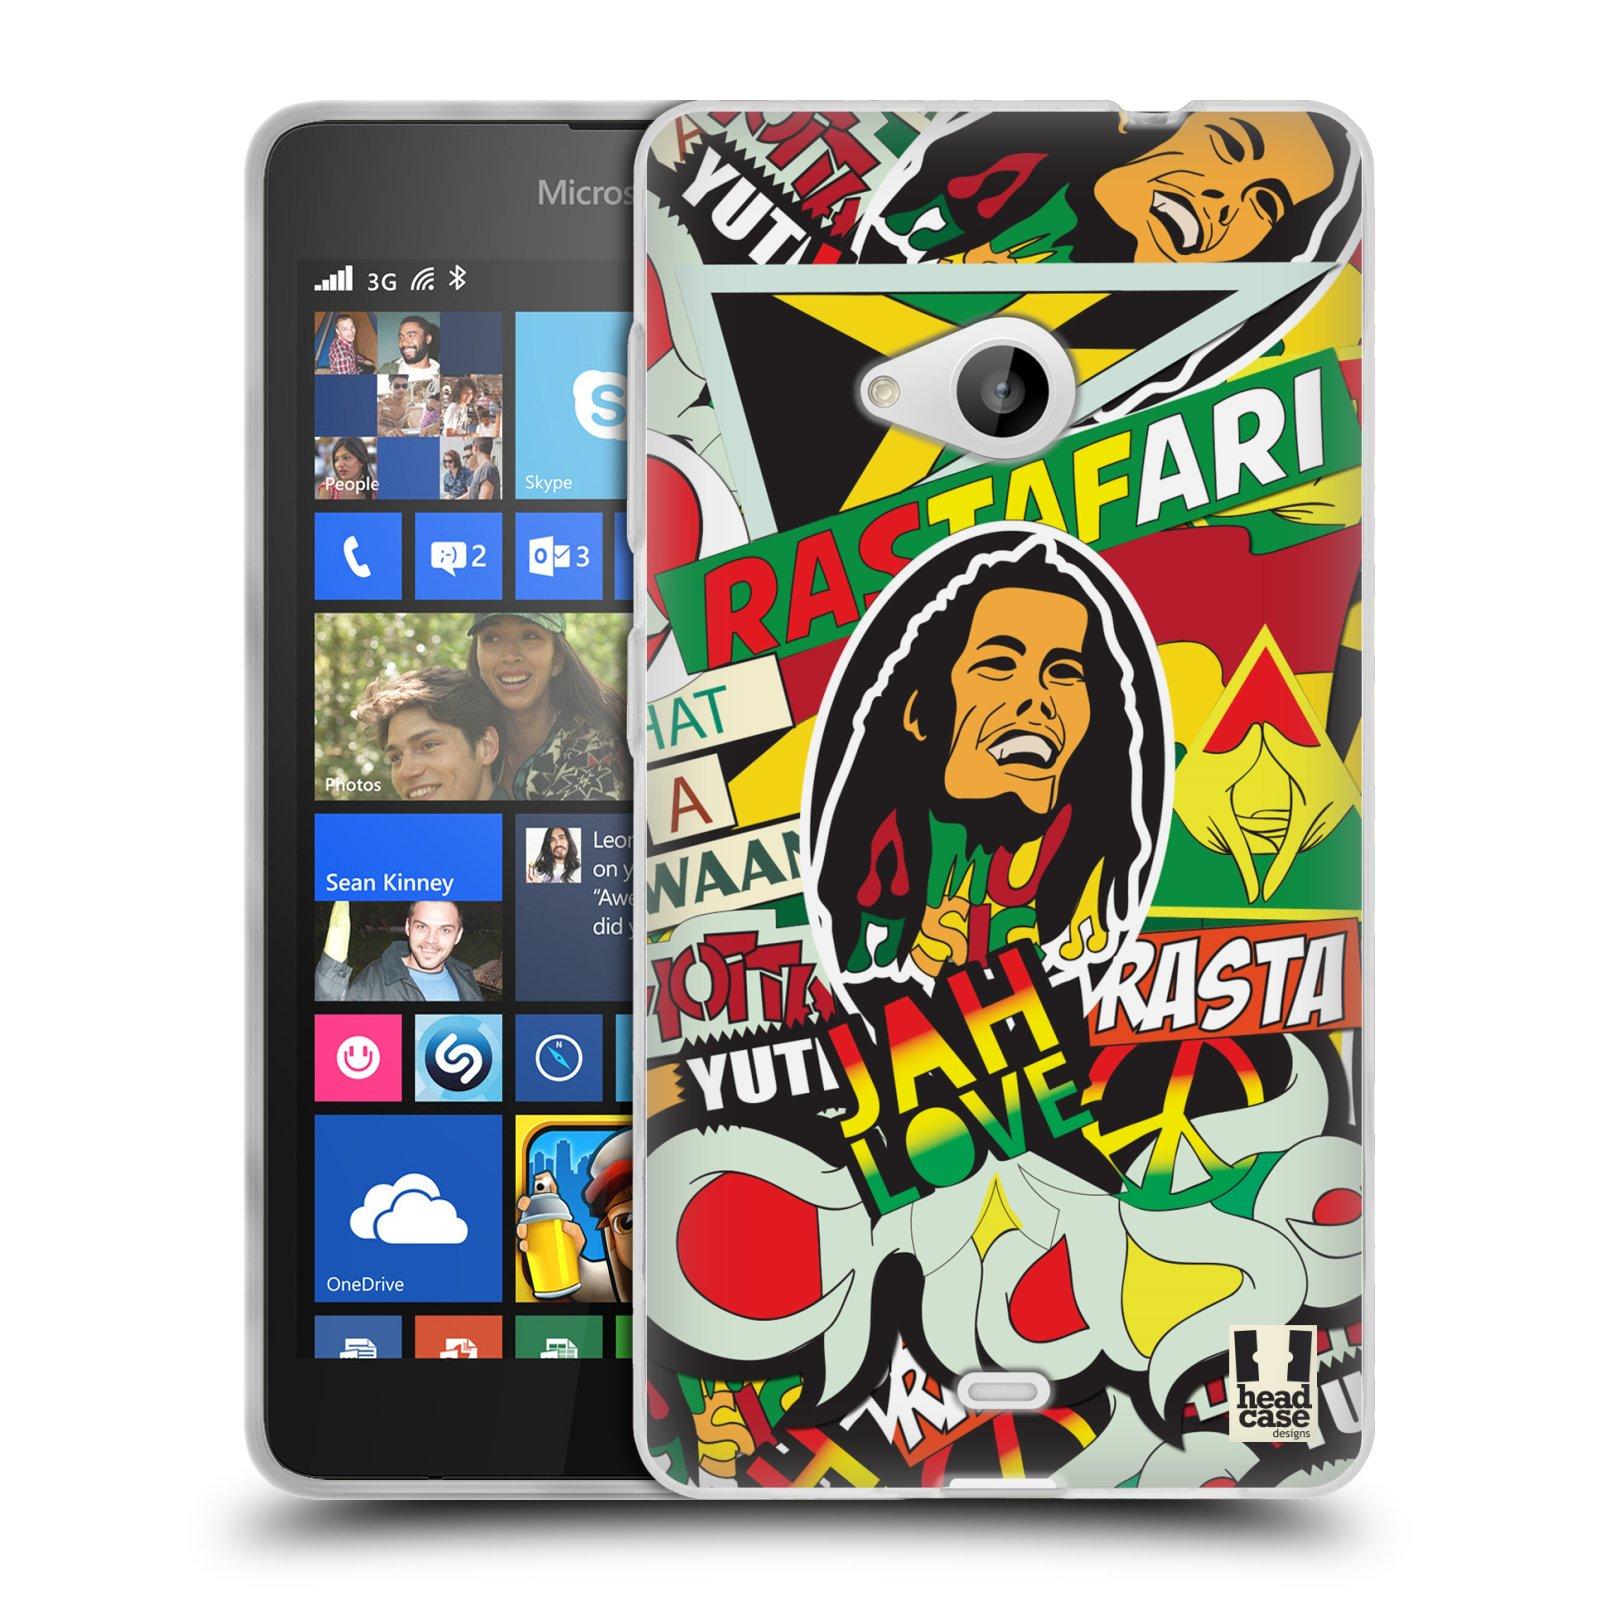 Silikonové pouzdro na mobil Microsoft Lumia 535 HEAD CASE RASTA (Silikonový kryt či obal na mobilní telefon Microsoft Lumia 535)